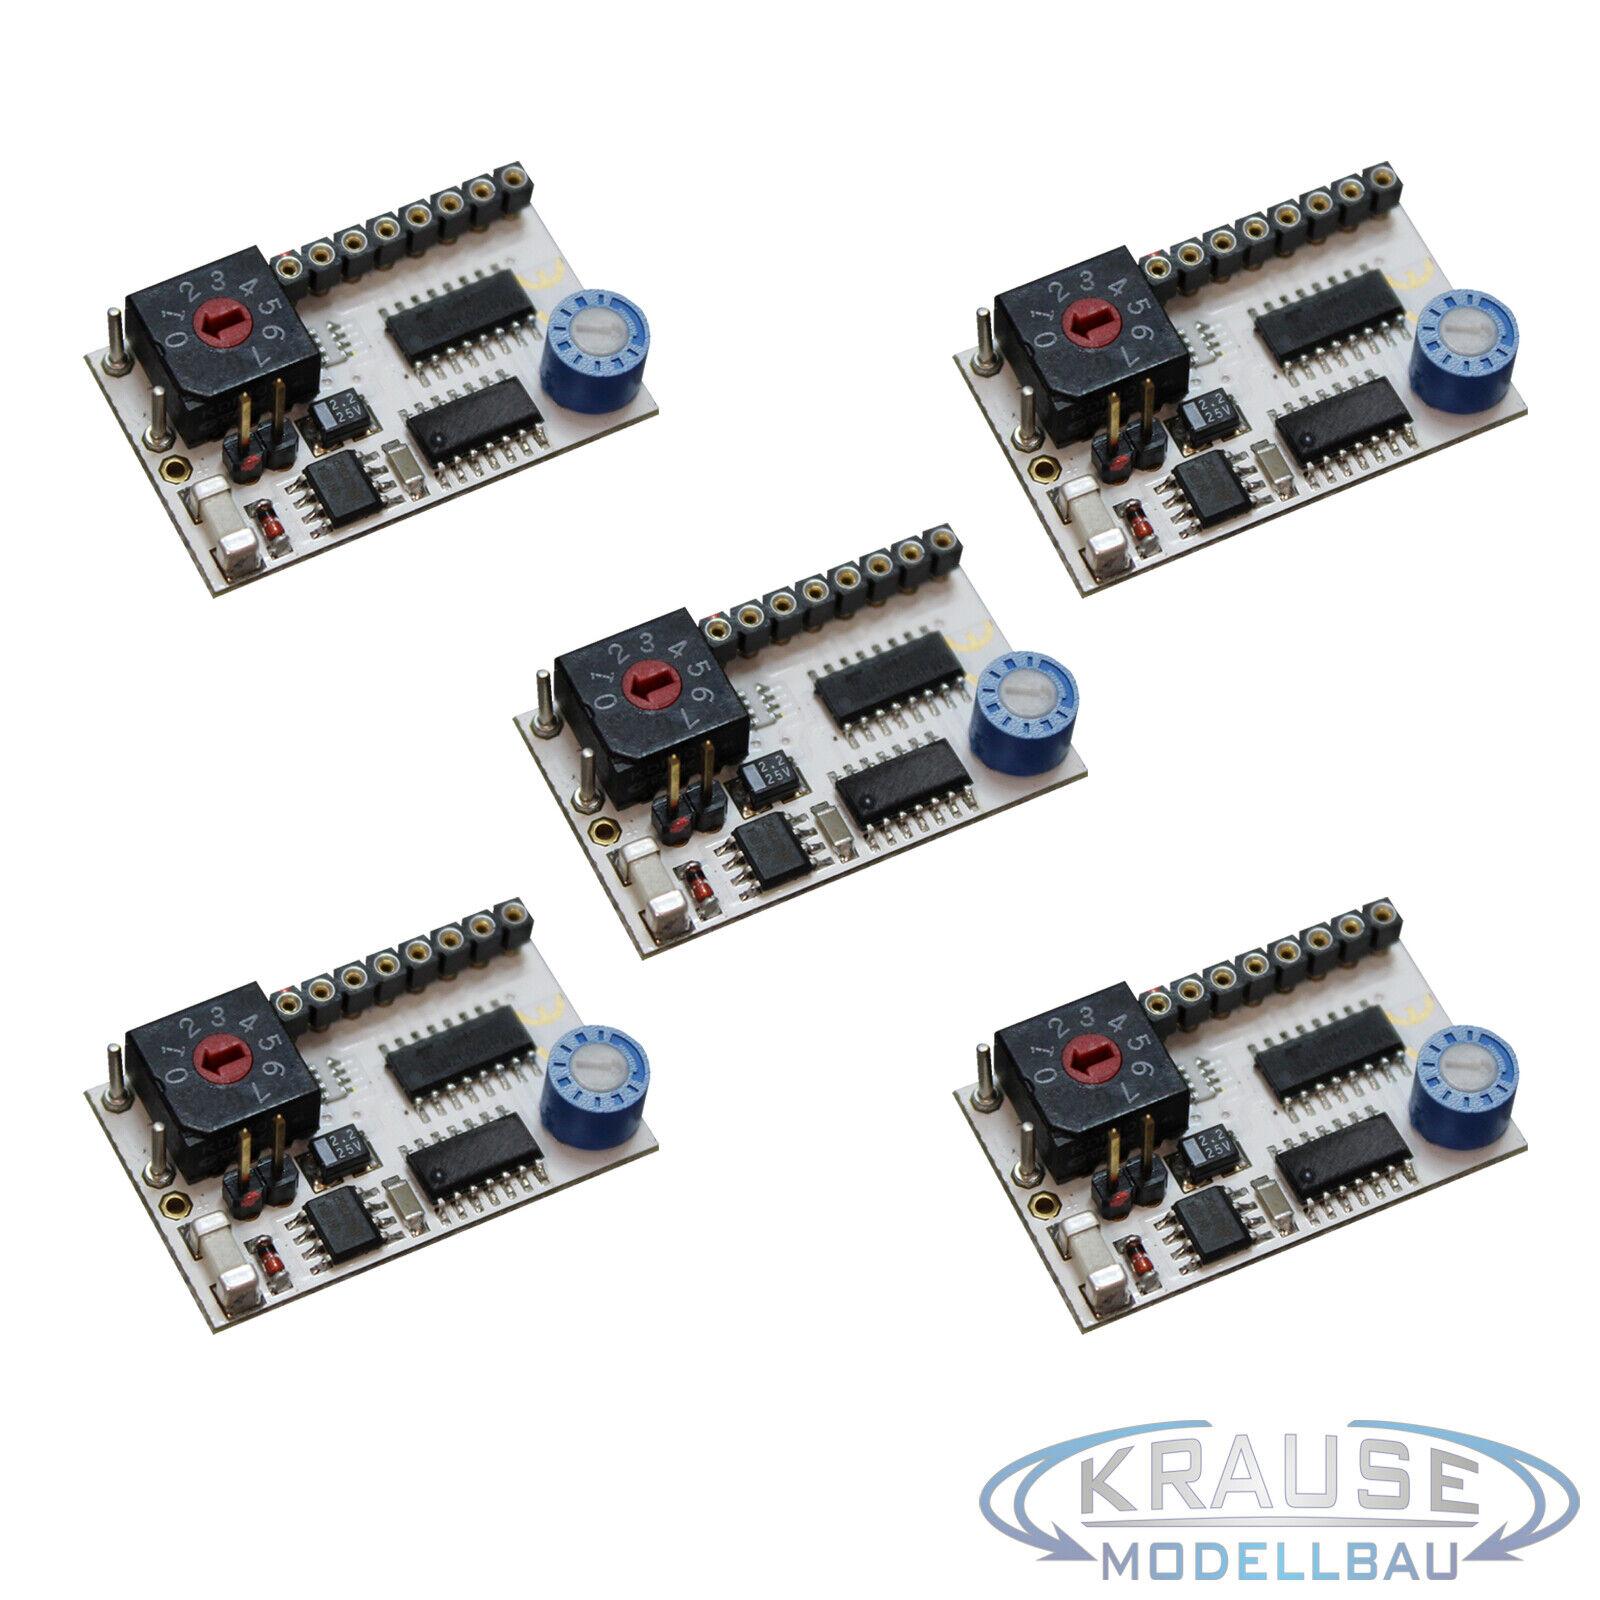 LED lauflichtsteuerungen programa  jugando juegos de video 1 - 5  4 canales ledcontrol 5 unid.